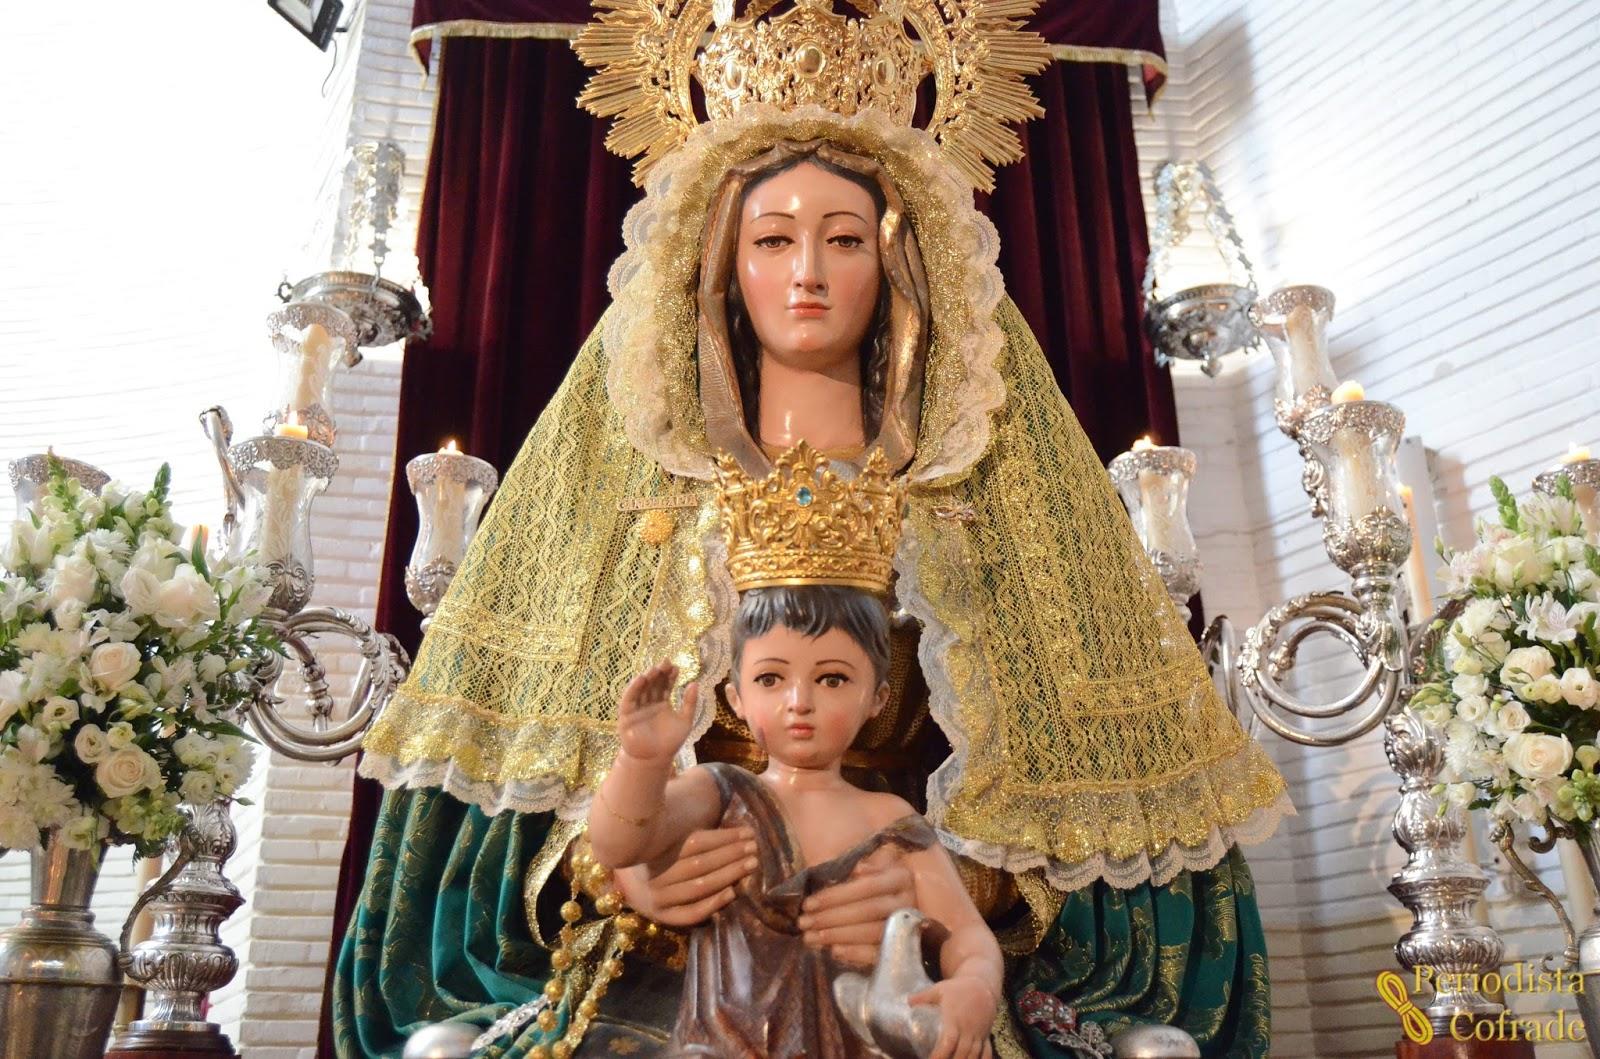 Periodista Cofrade: LA CANDELARIA MADRE DE DIOS, EN BESAMANOS ...